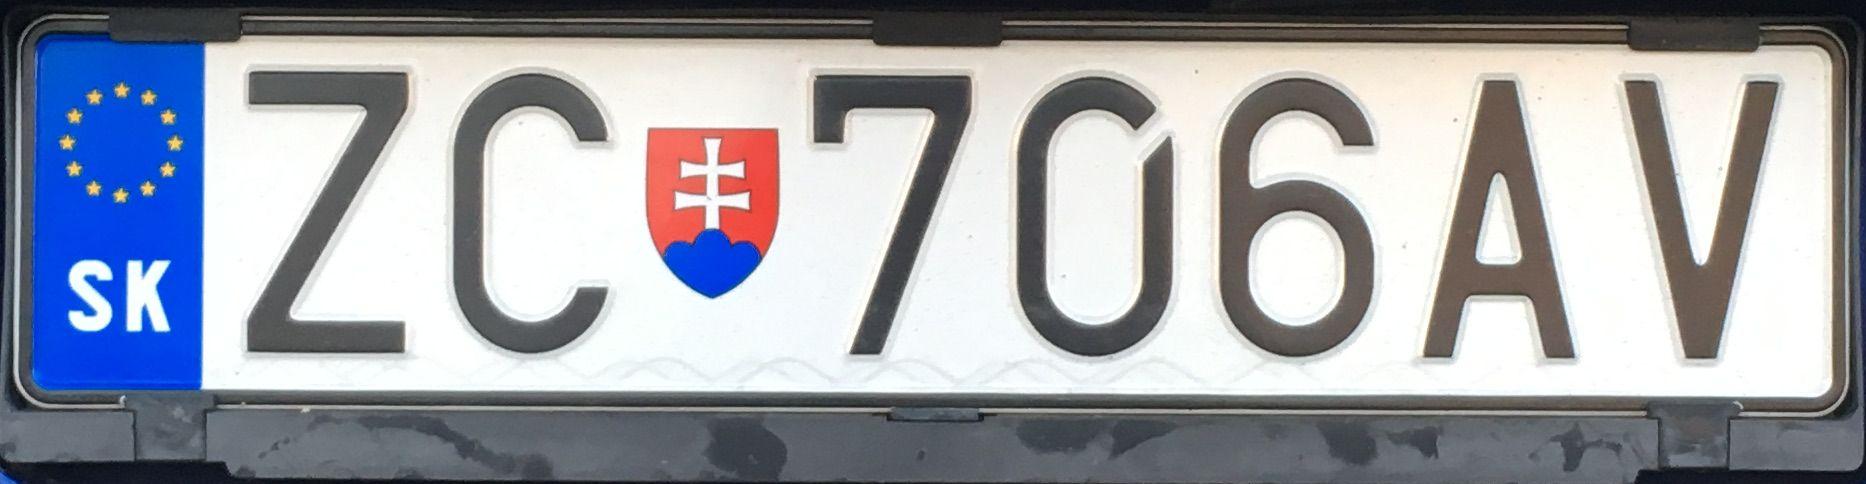 Registrační značka Slovensko – ZC – Žarnovica, foto: www.podalnici.cz